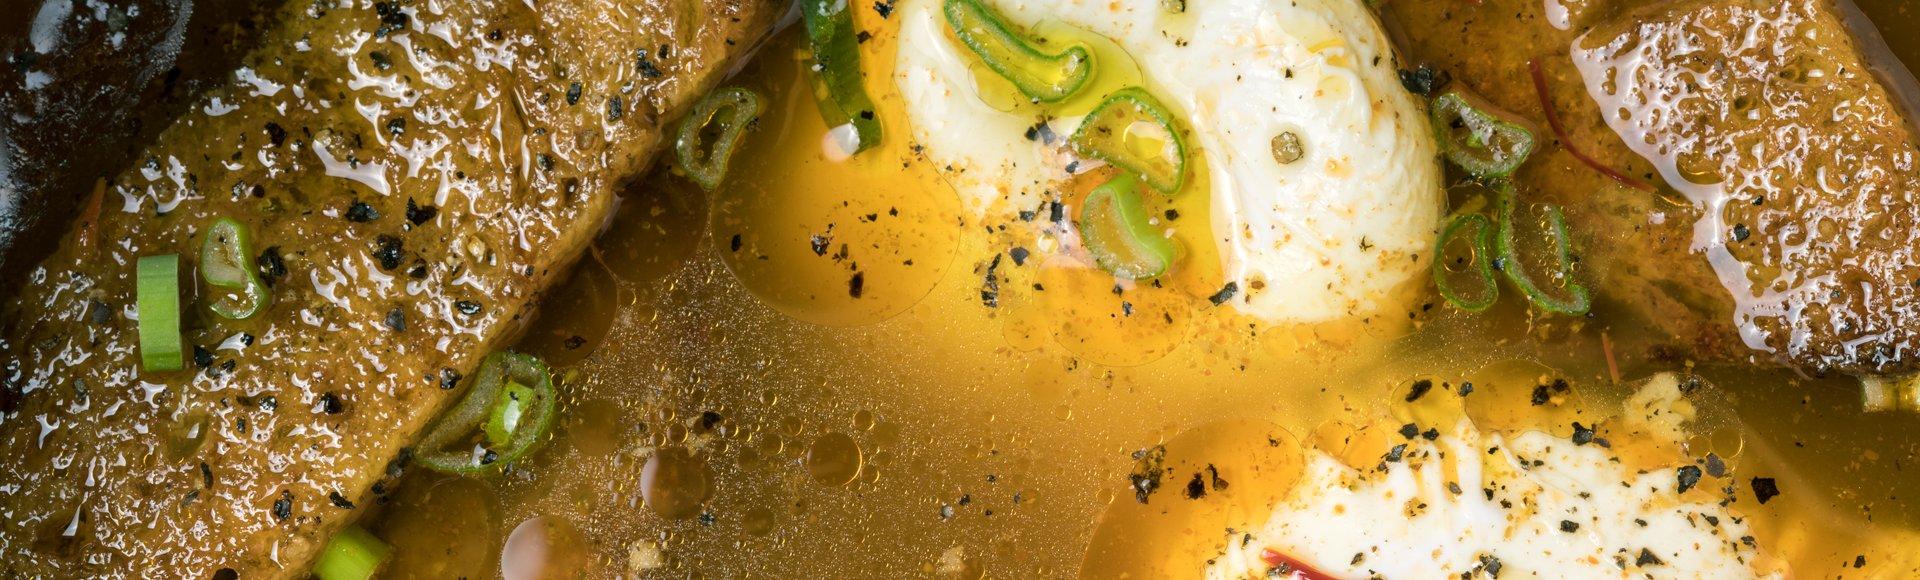 Σκορδάτη σούπα με αυγό & χωριάτικο ψωμί